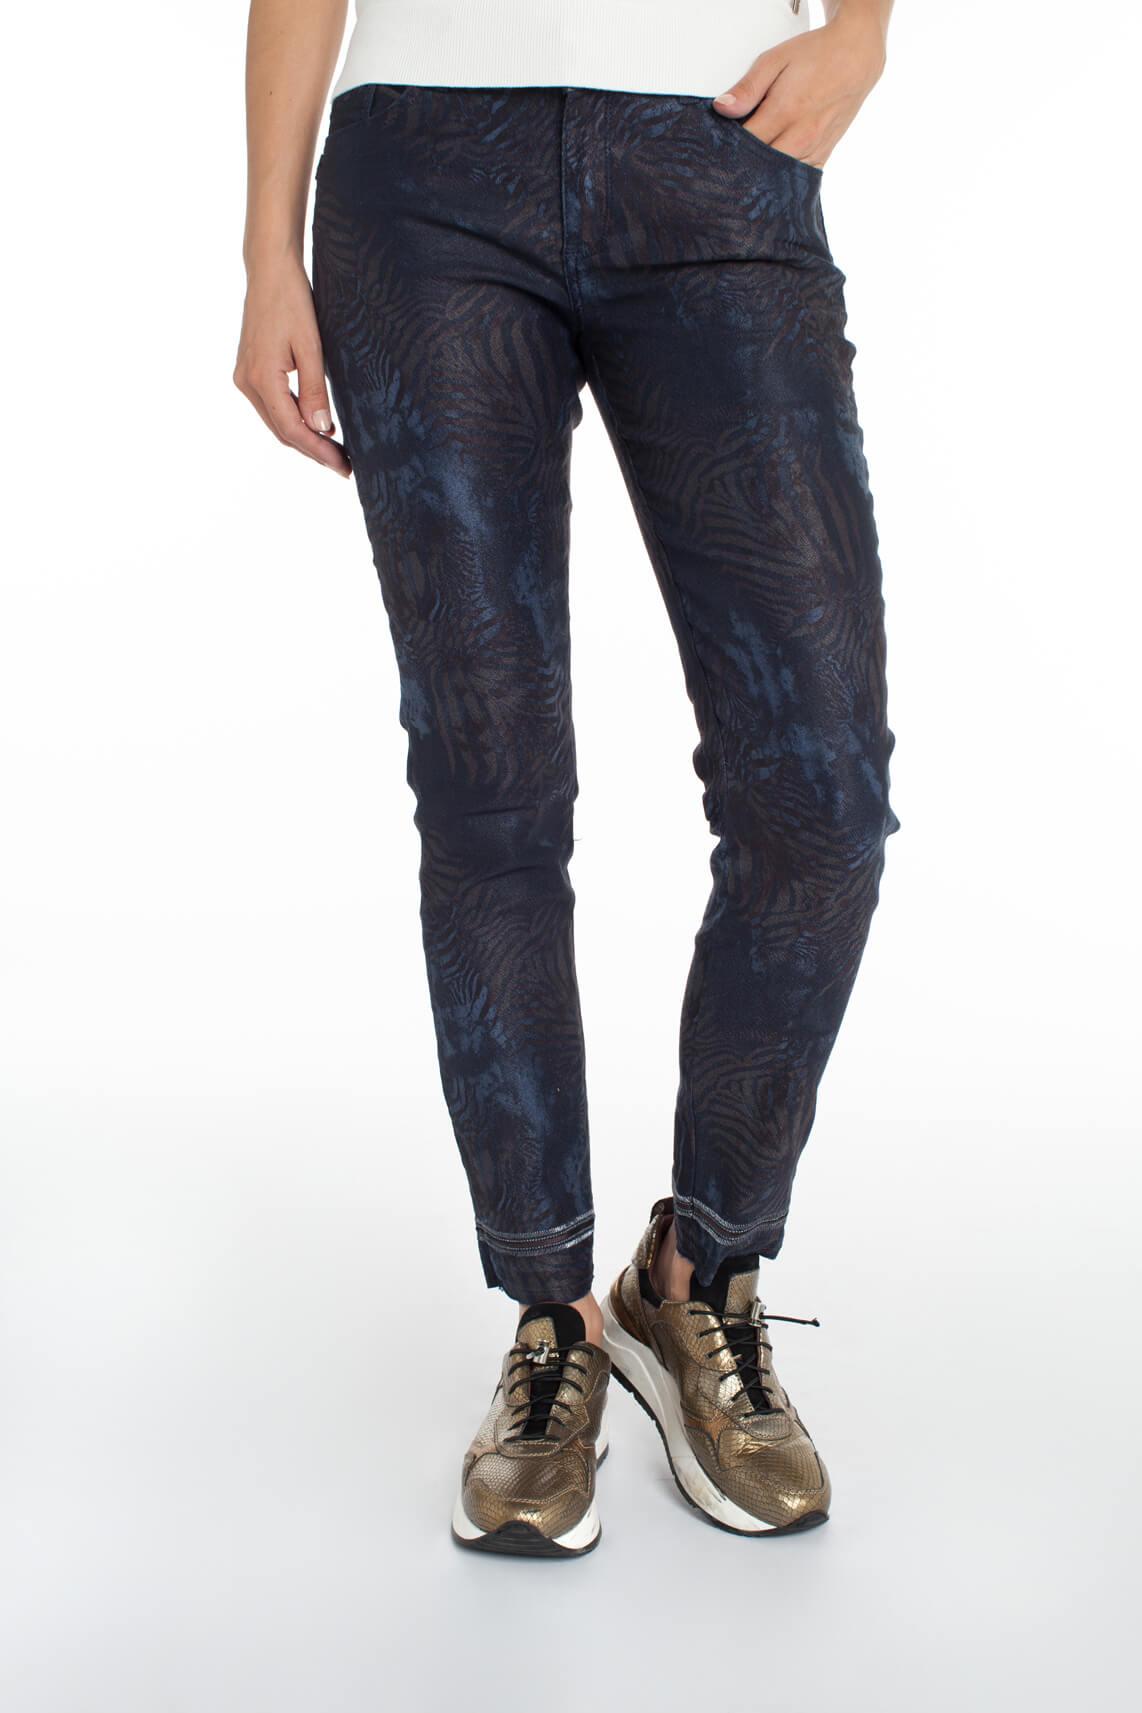 Mos Mosh Dames Sumner jeans met palmprint Blauw